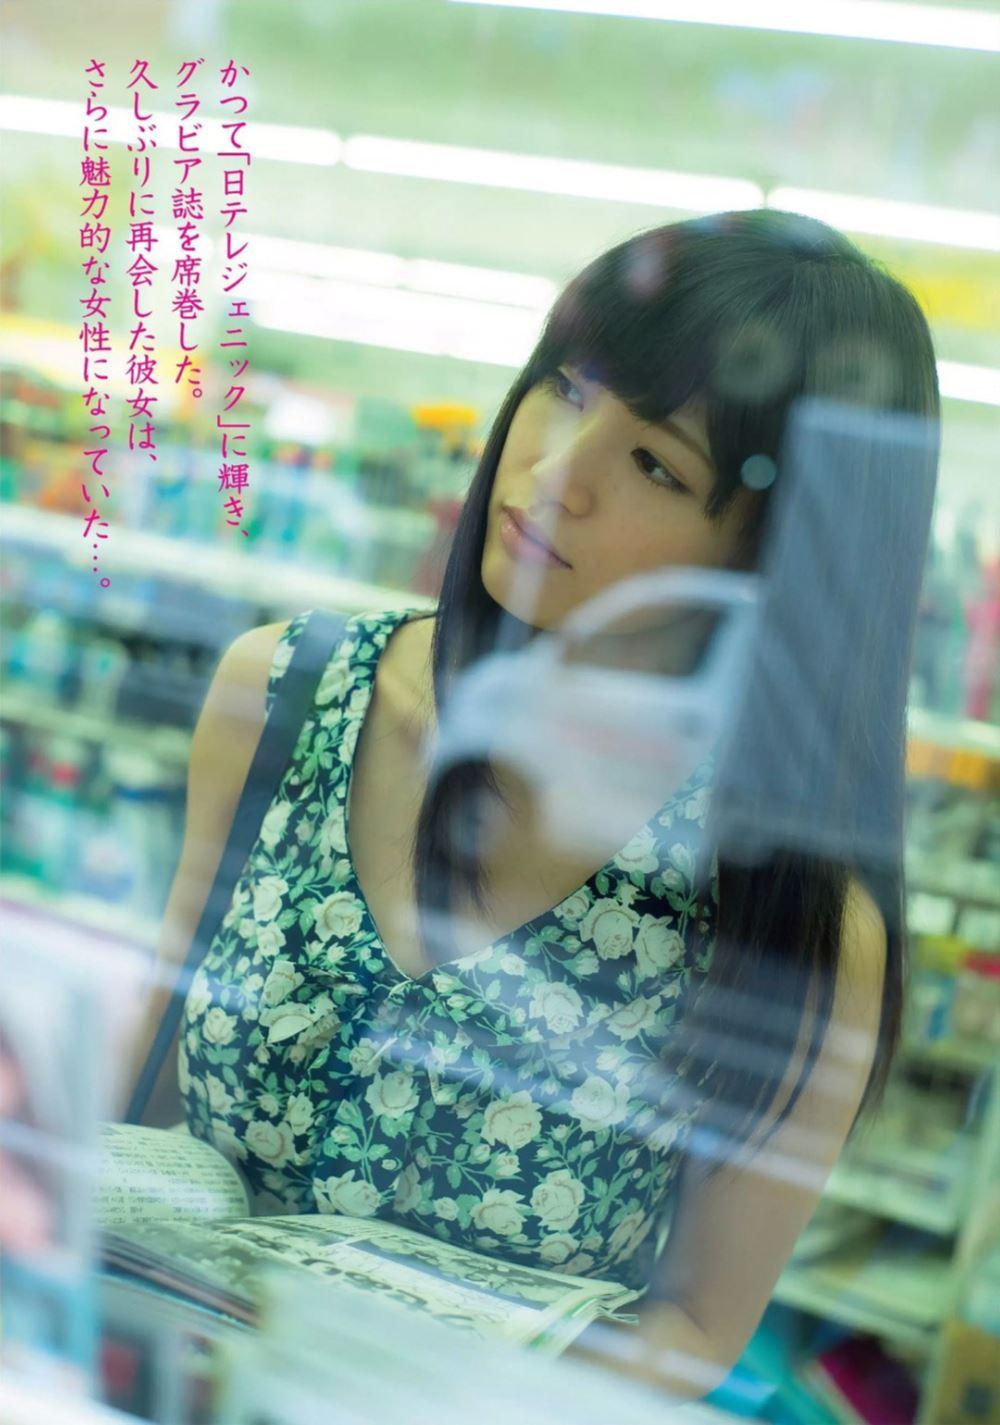 高橋しょう子 高崎聖子 ヘアヌード セックス 画像 11